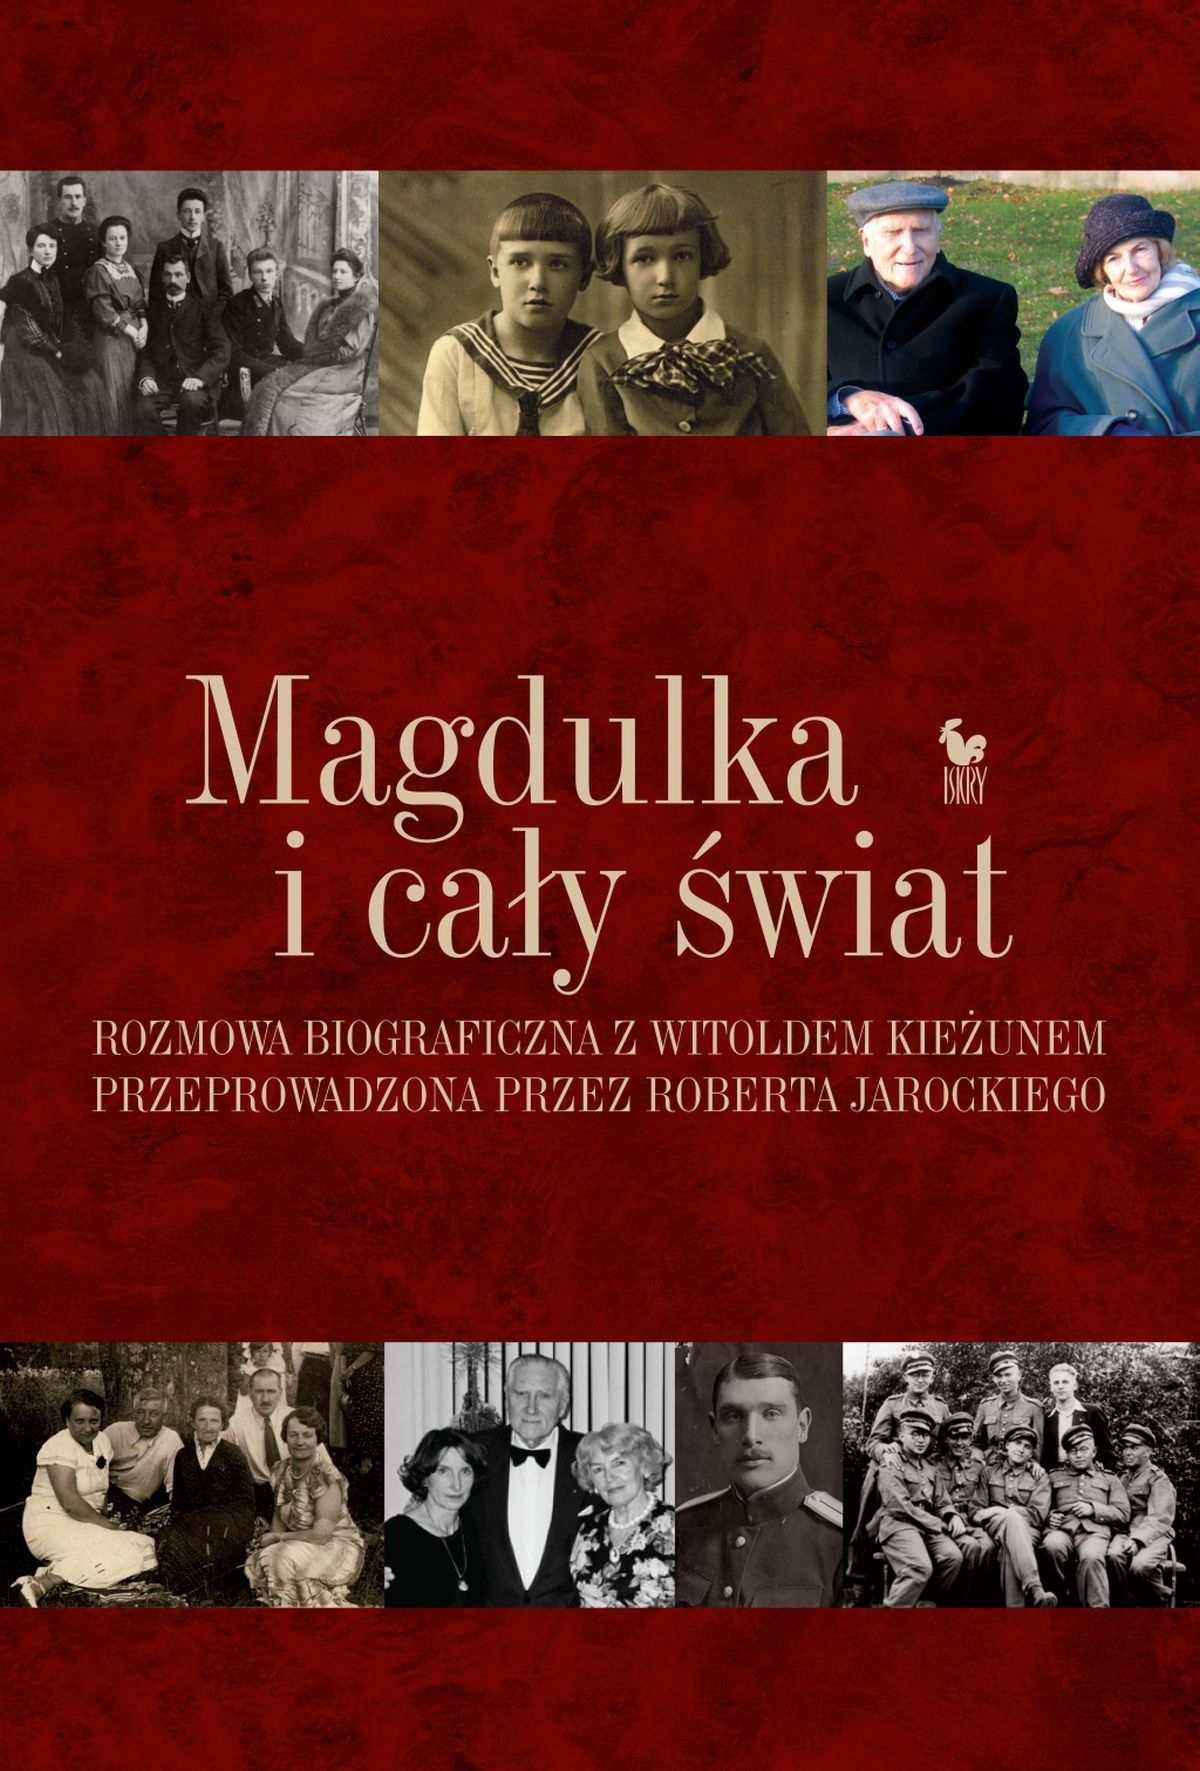 Magdulka i cały świat. Rozmowa biograficzna z Witoldem Kieżunem przeprowadzona przez Roberta Jarockiego - Ebook (Książka EPUB) do pobrania w formacie EPUB